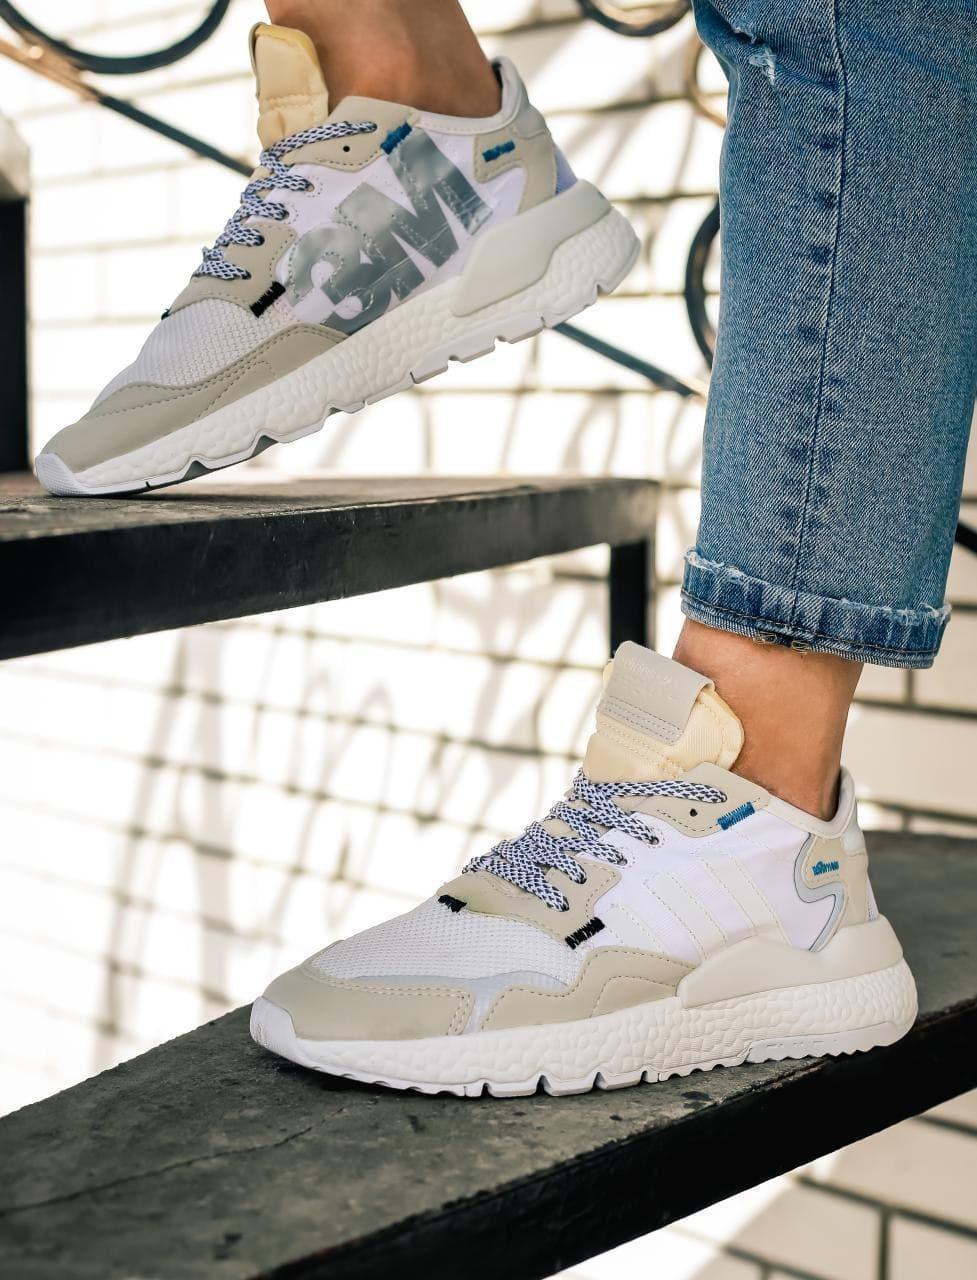 Женские кроссовки Adidas Nite Jogger (white/beige) Реплика ААА